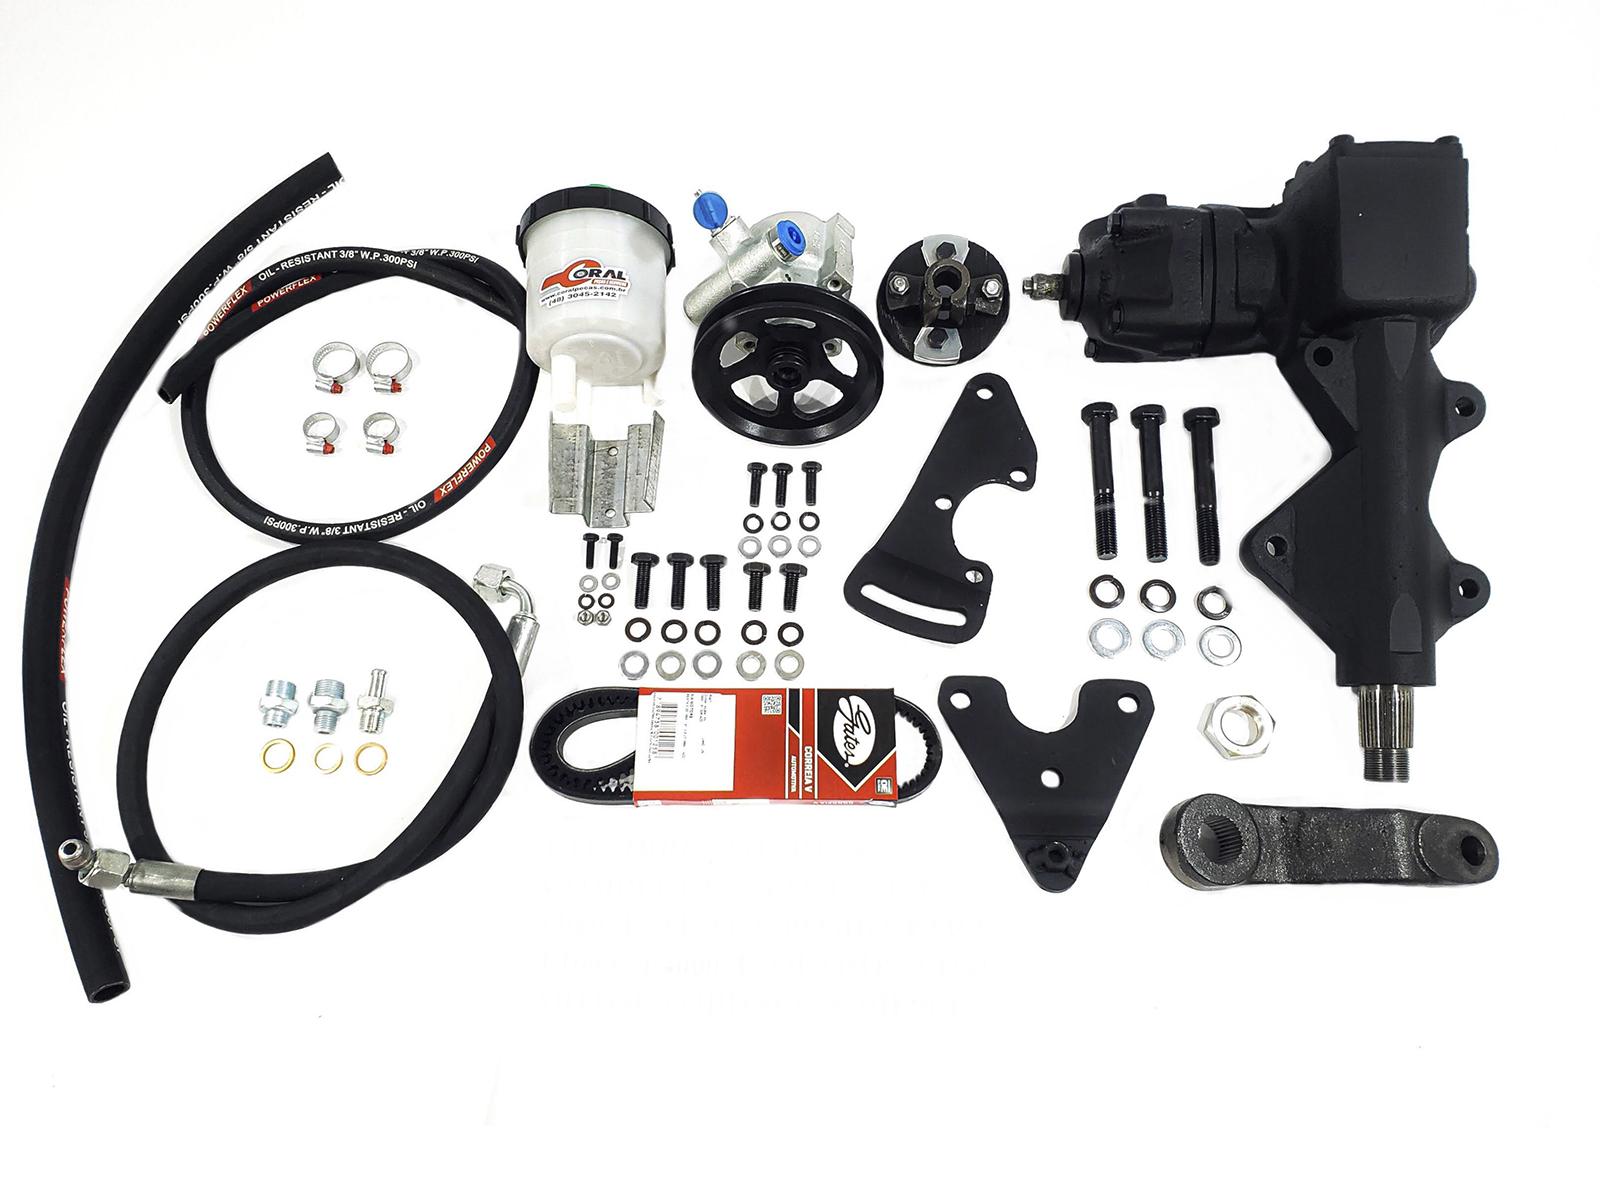 Kit Direção Hidráulica Ford F1000/ F4000 Motor Ford Diesel